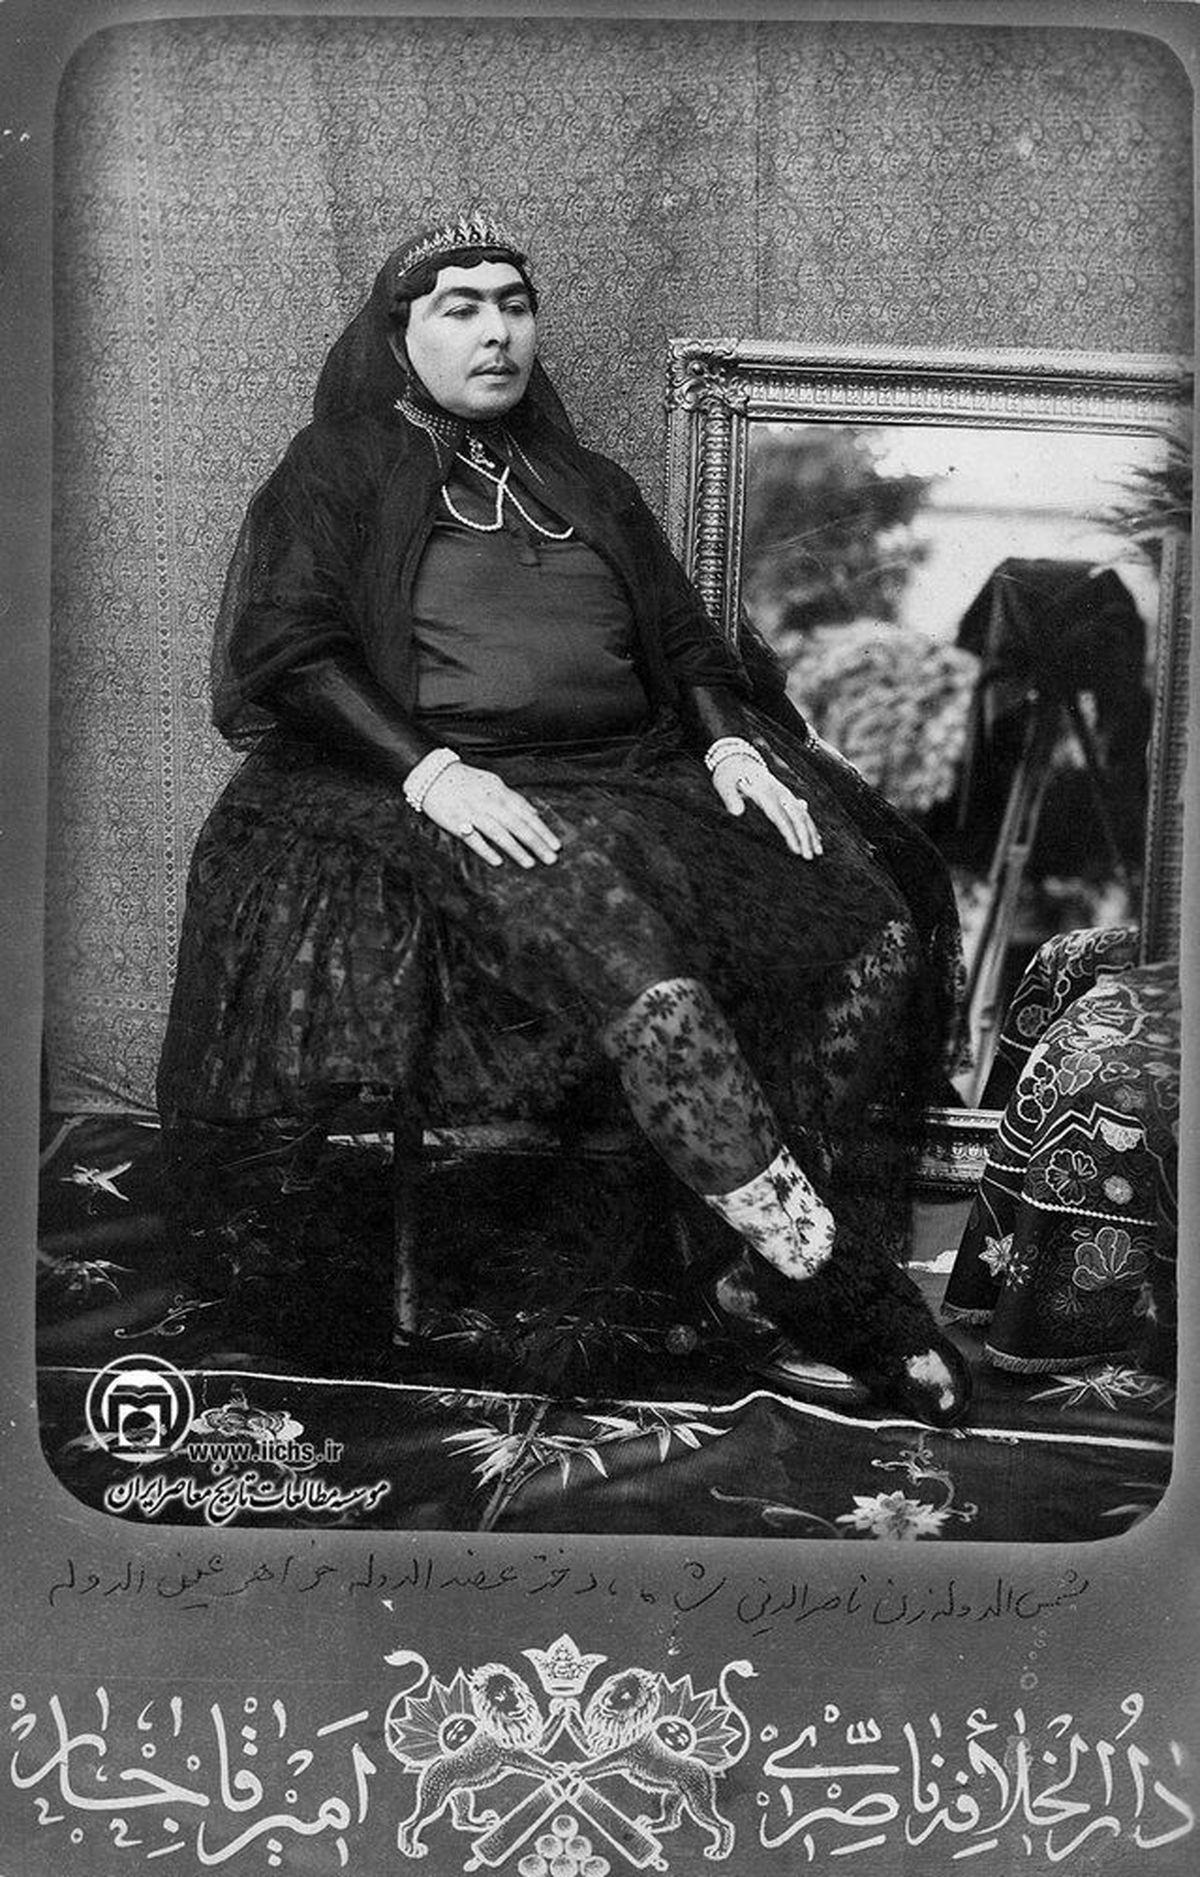 تصویری از همسر ناصرالدین شاه قاجار